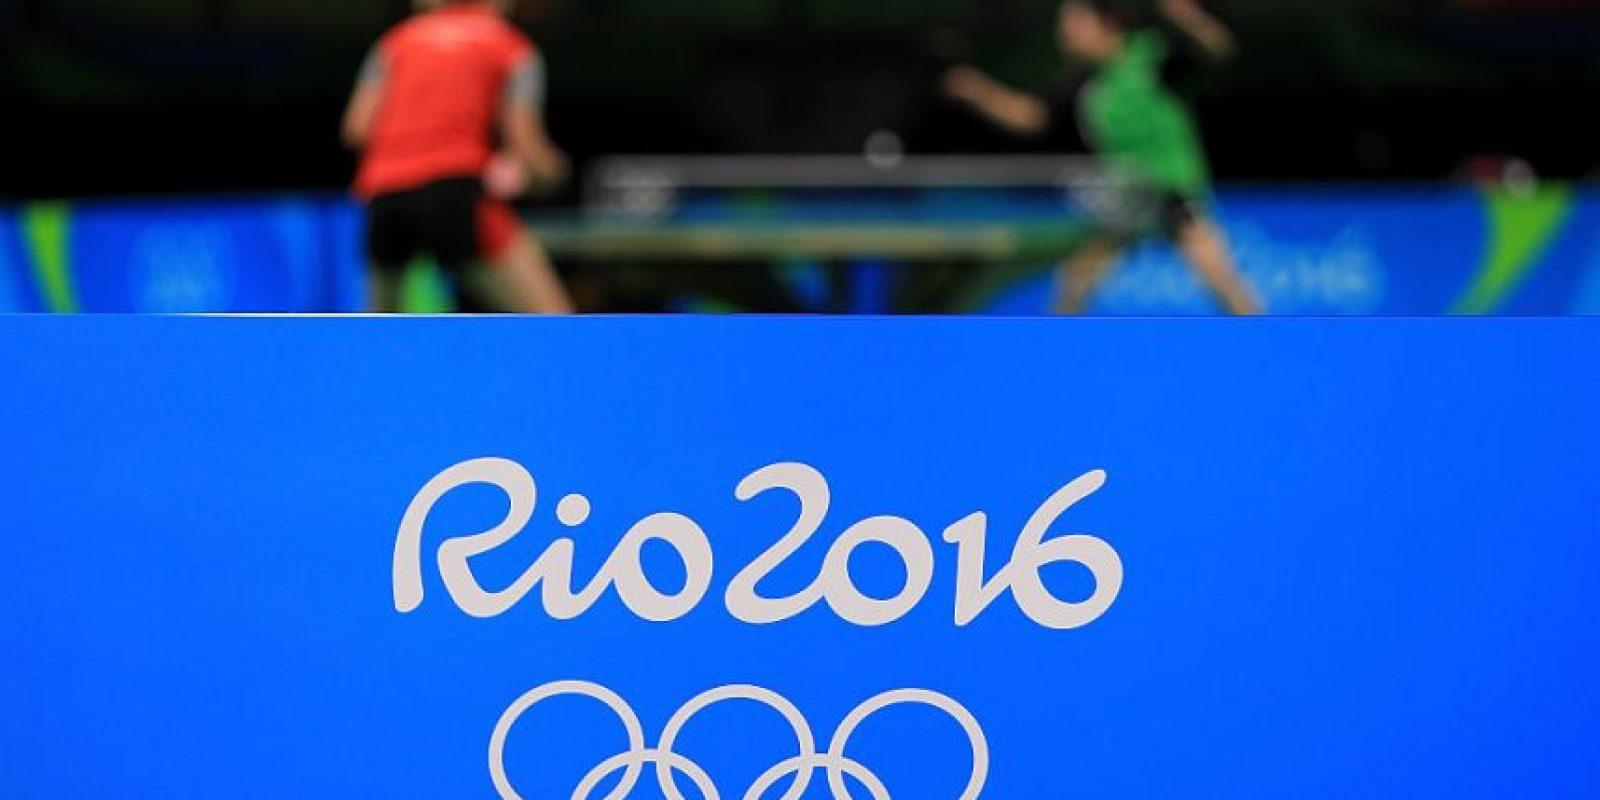 Las escorts brasileñas ven a los Juegos Olímpicos de Río 2016 como una mina de oro Foto:Getty Images